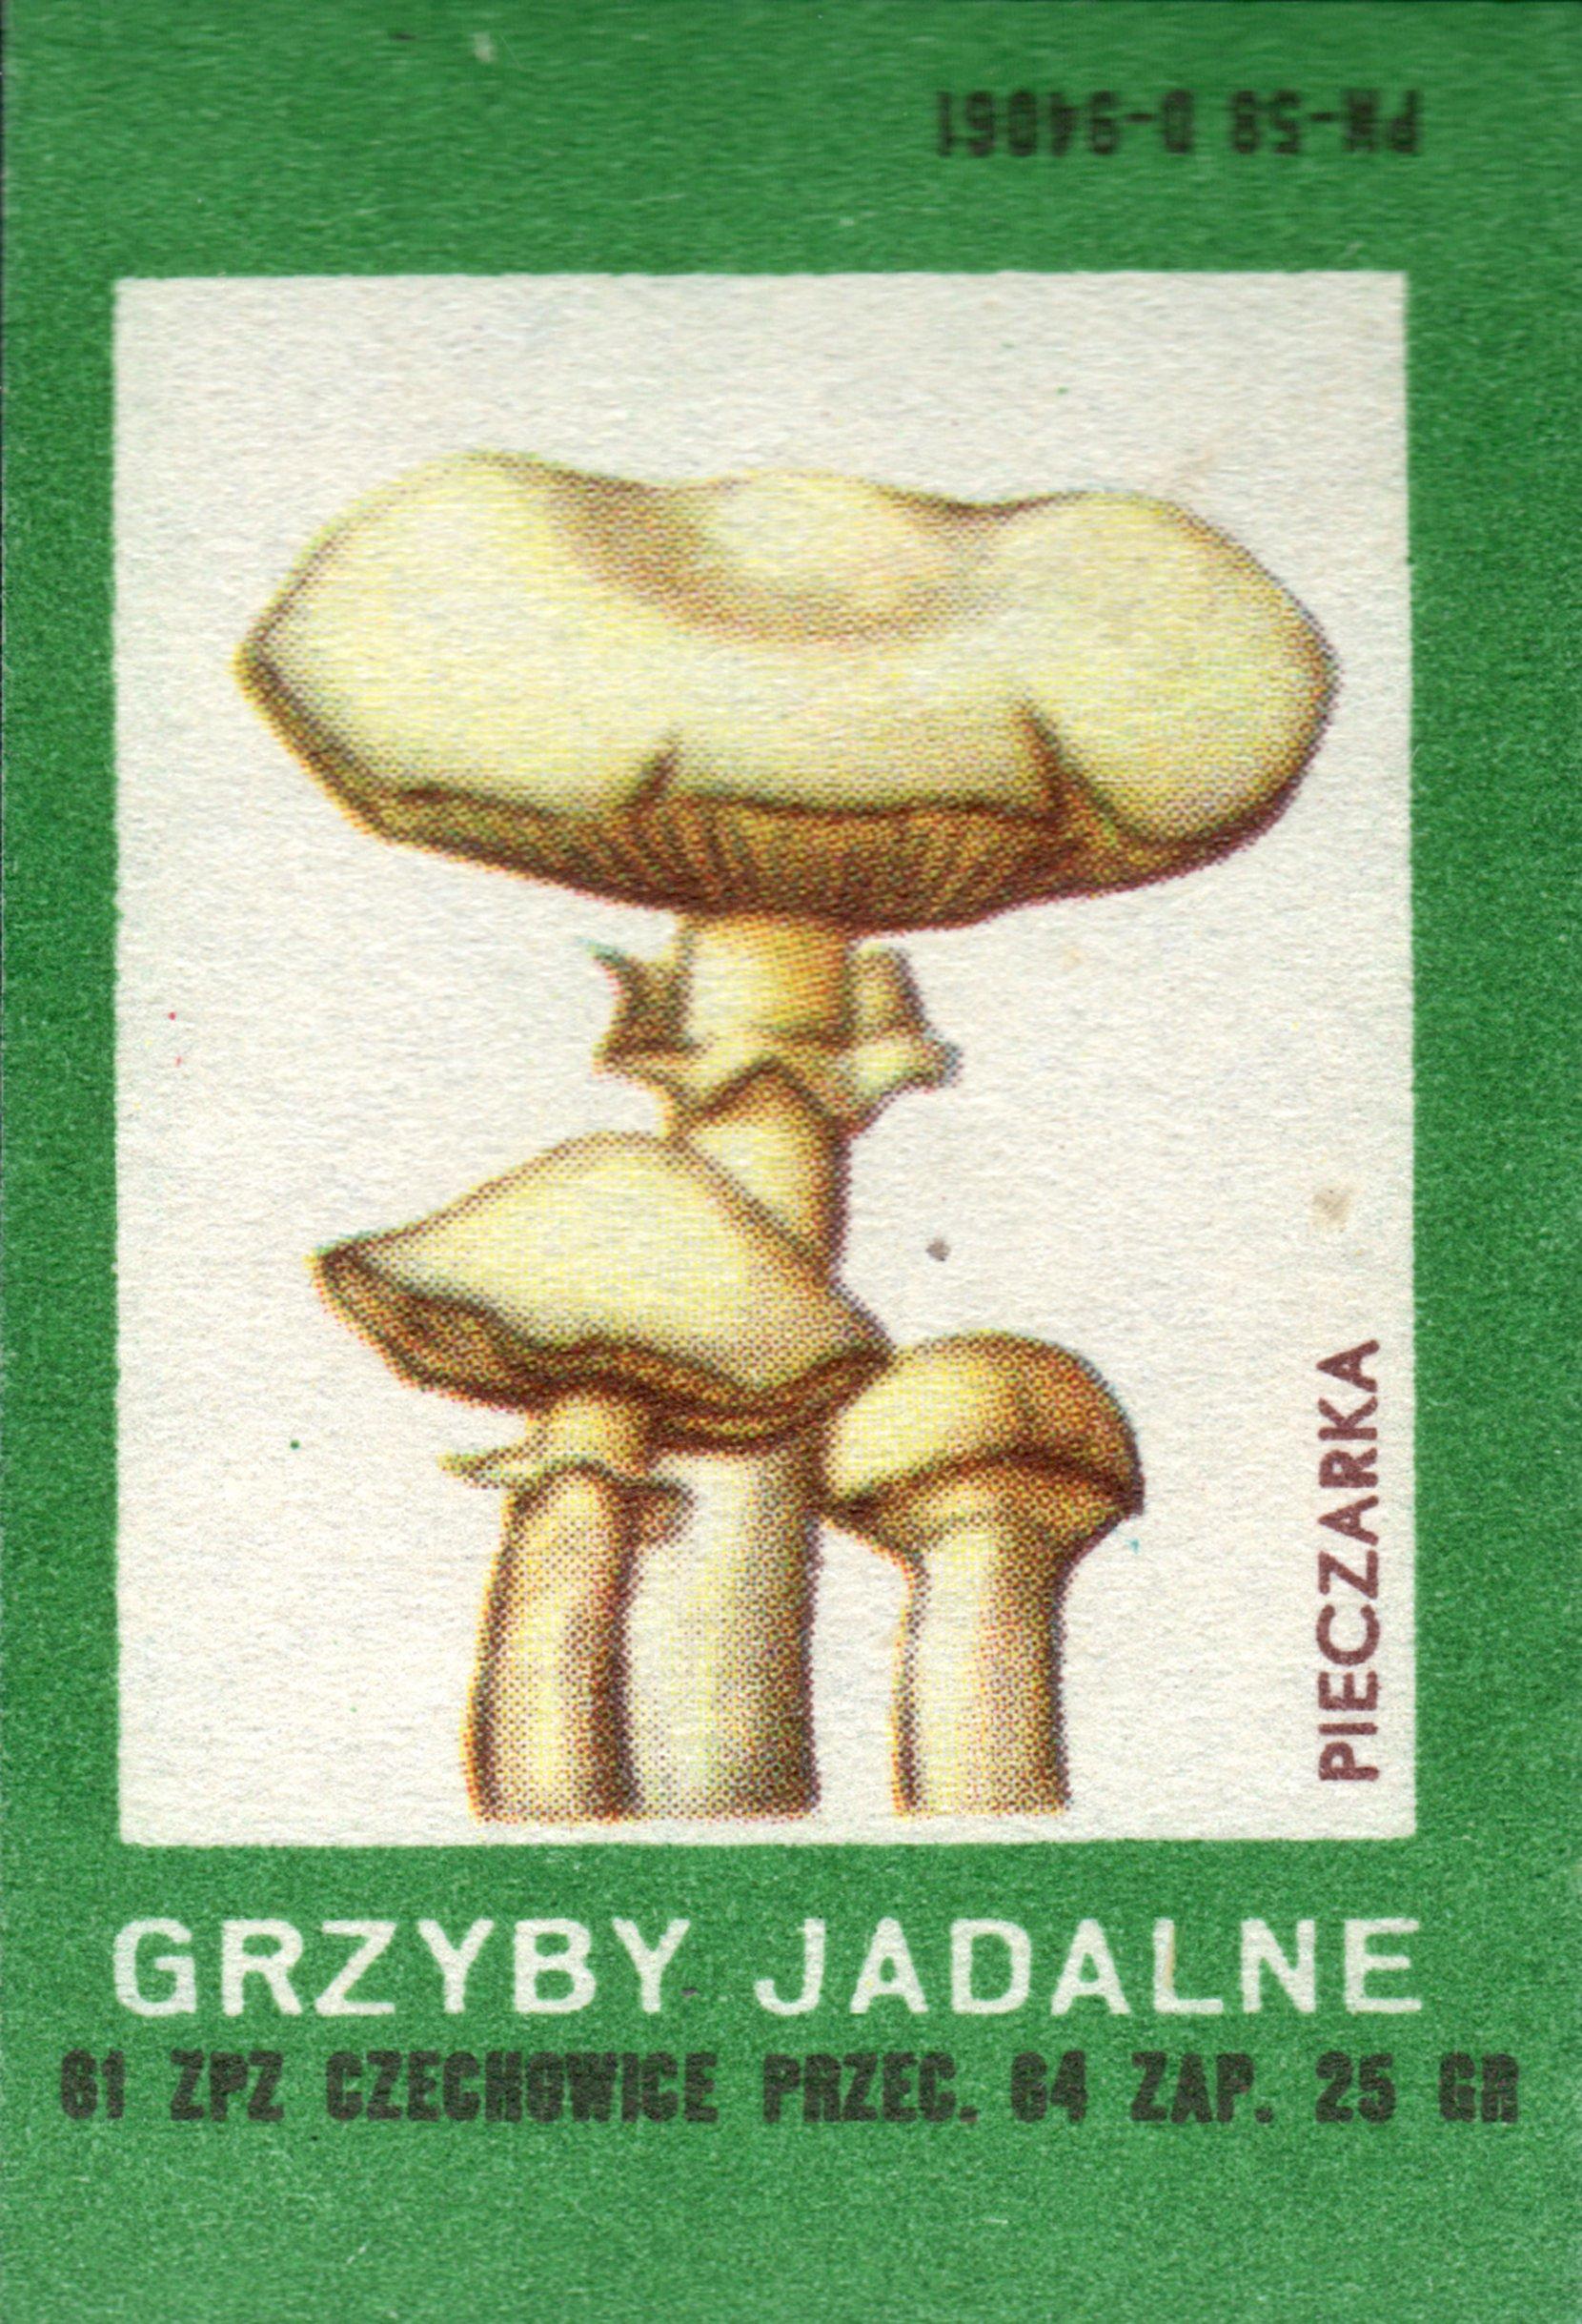 etykieta 64: grzyby jadalne, pieczarka (1961) phillumeny matchbox labels